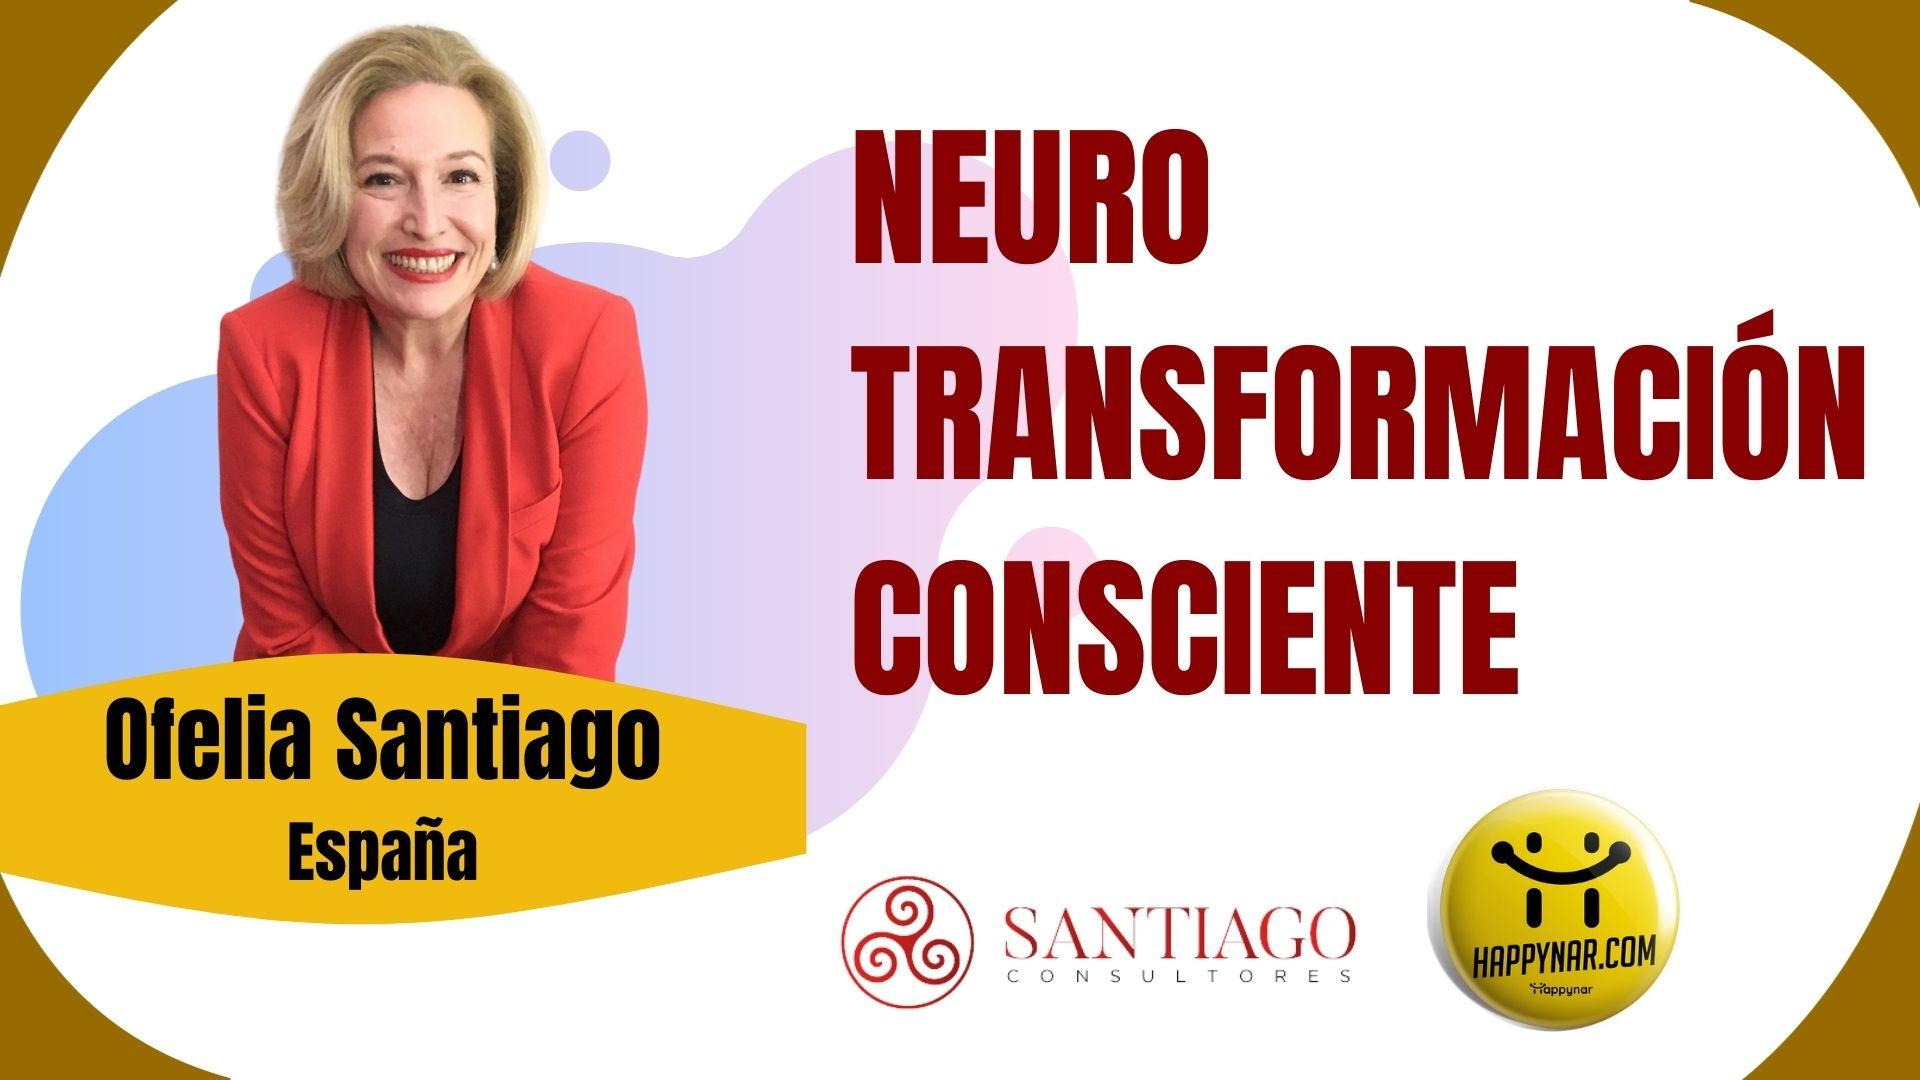 Neurotransformación Consciente